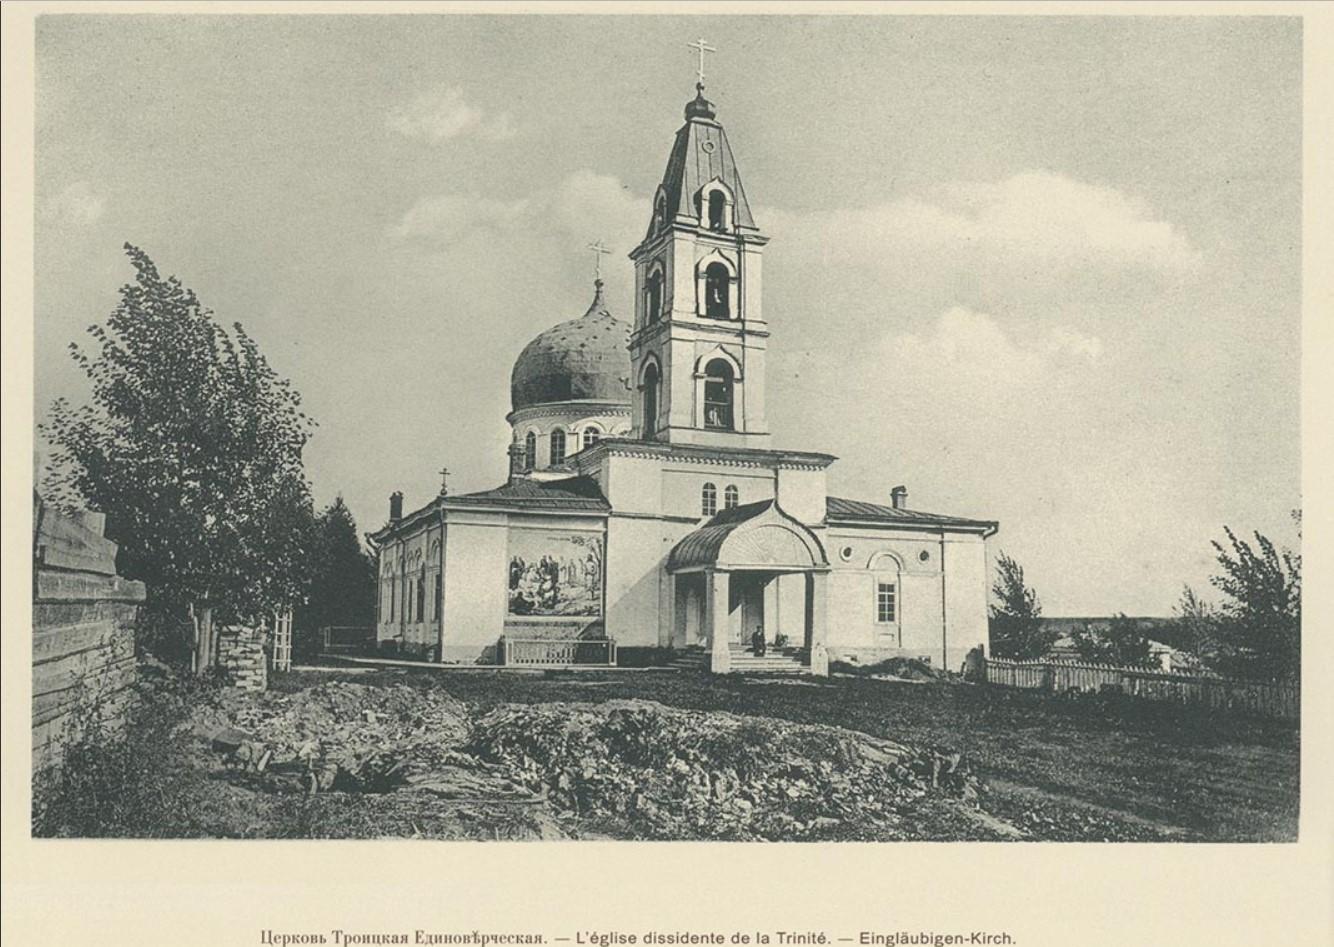 76. Церковь Троицкая Единоверческая